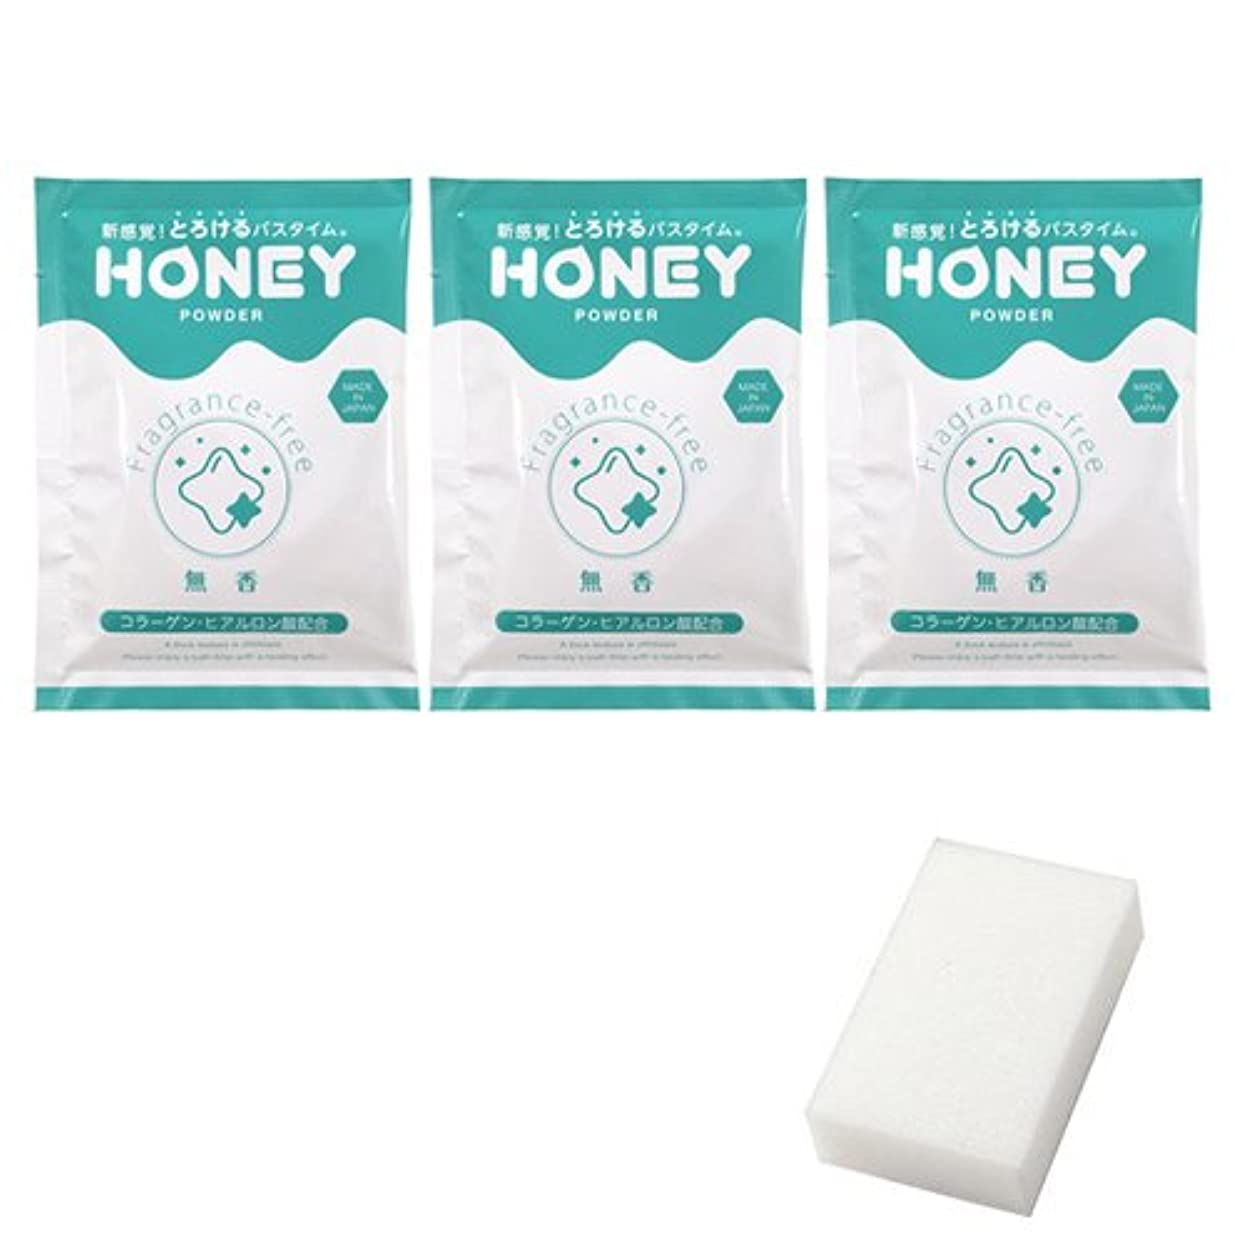 配列数学者ペンスとろとろ入浴剤【honey powder】(ハニーパウダー) 無香タイプ 3個セット + 圧縮スポンジセット